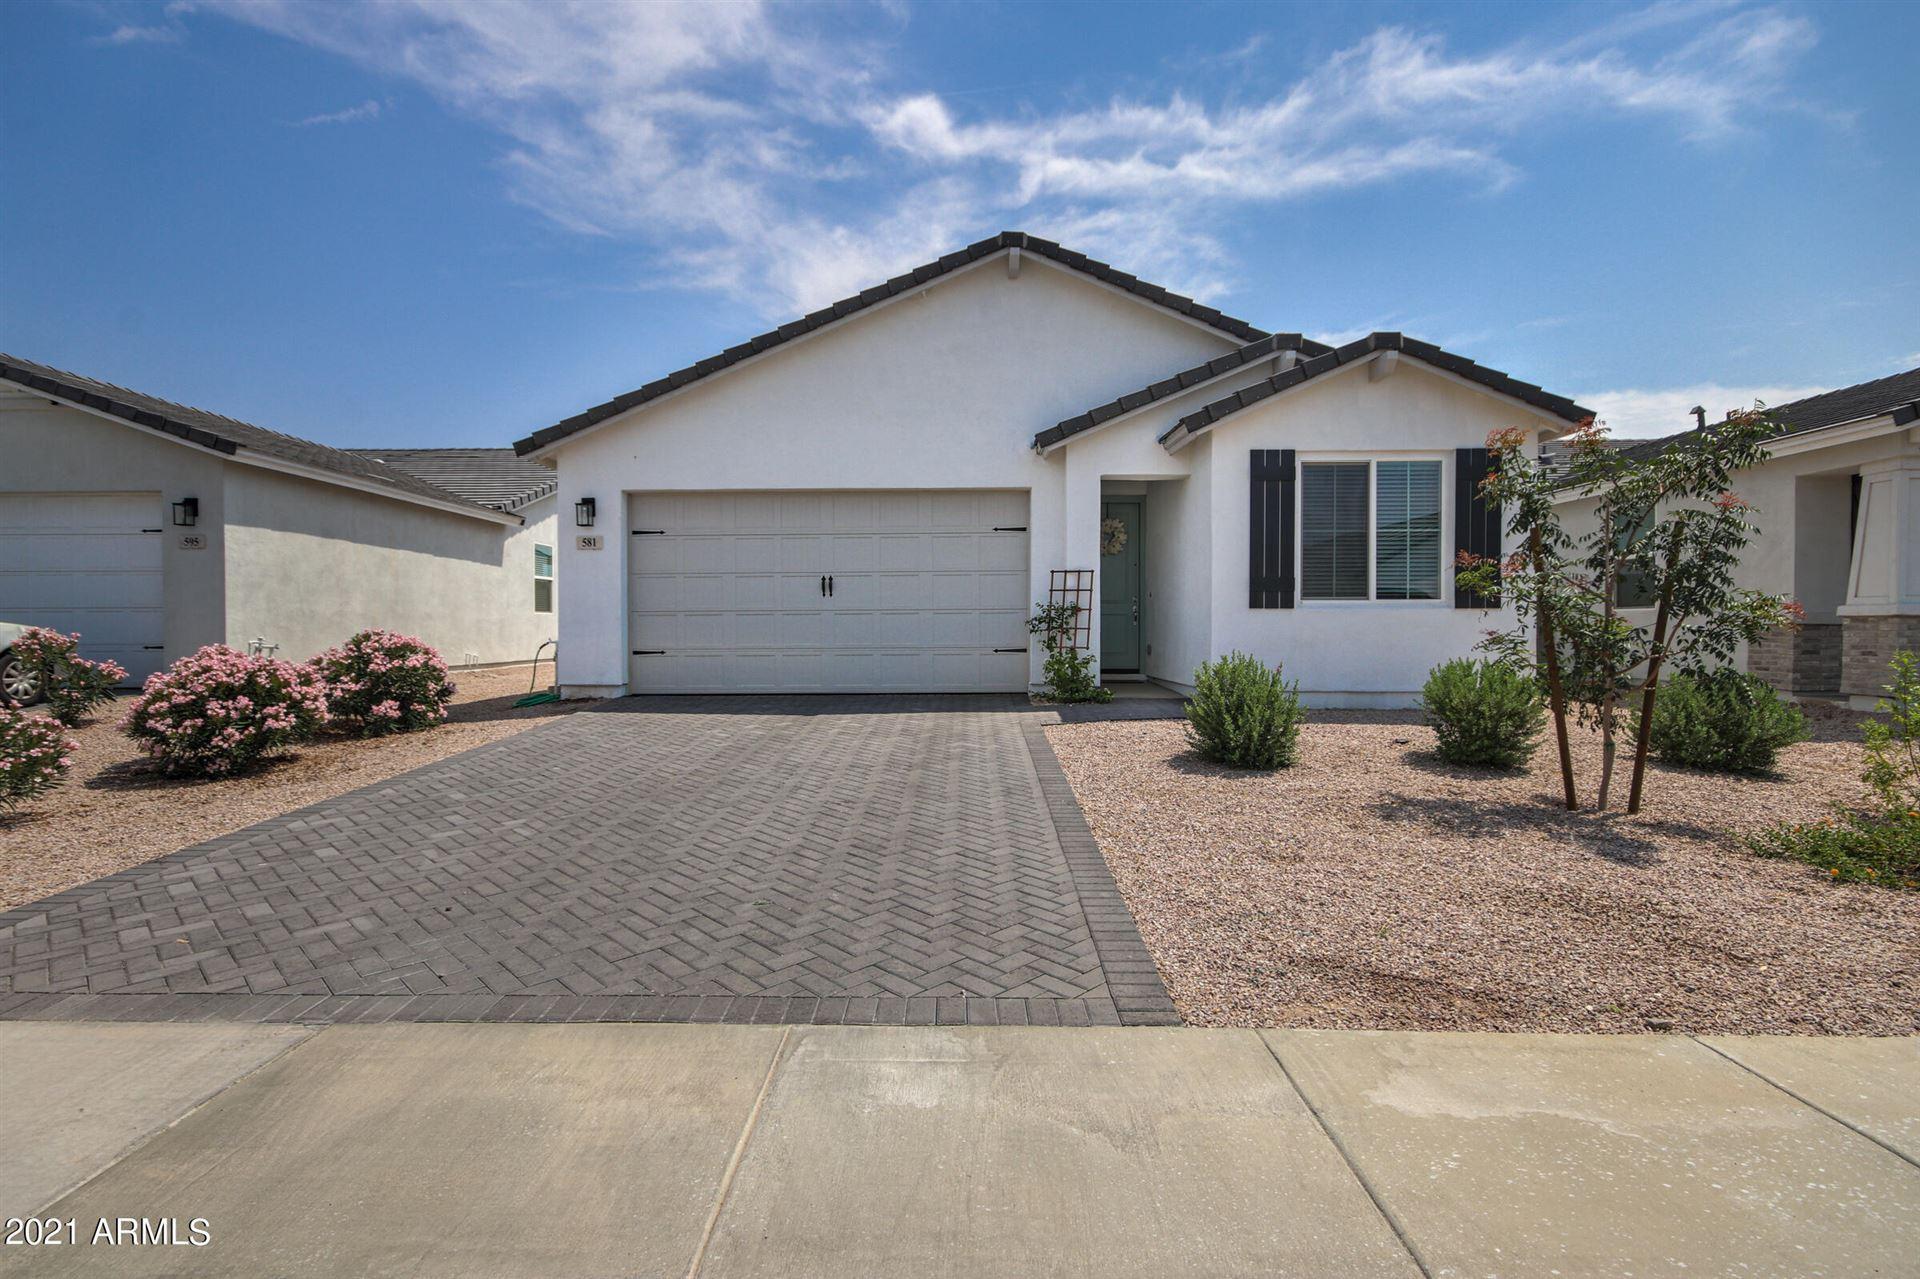 Photo of 581 E Hazelnut Lane, San Tan Valley, AZ 85140 (MLS # 6268714)